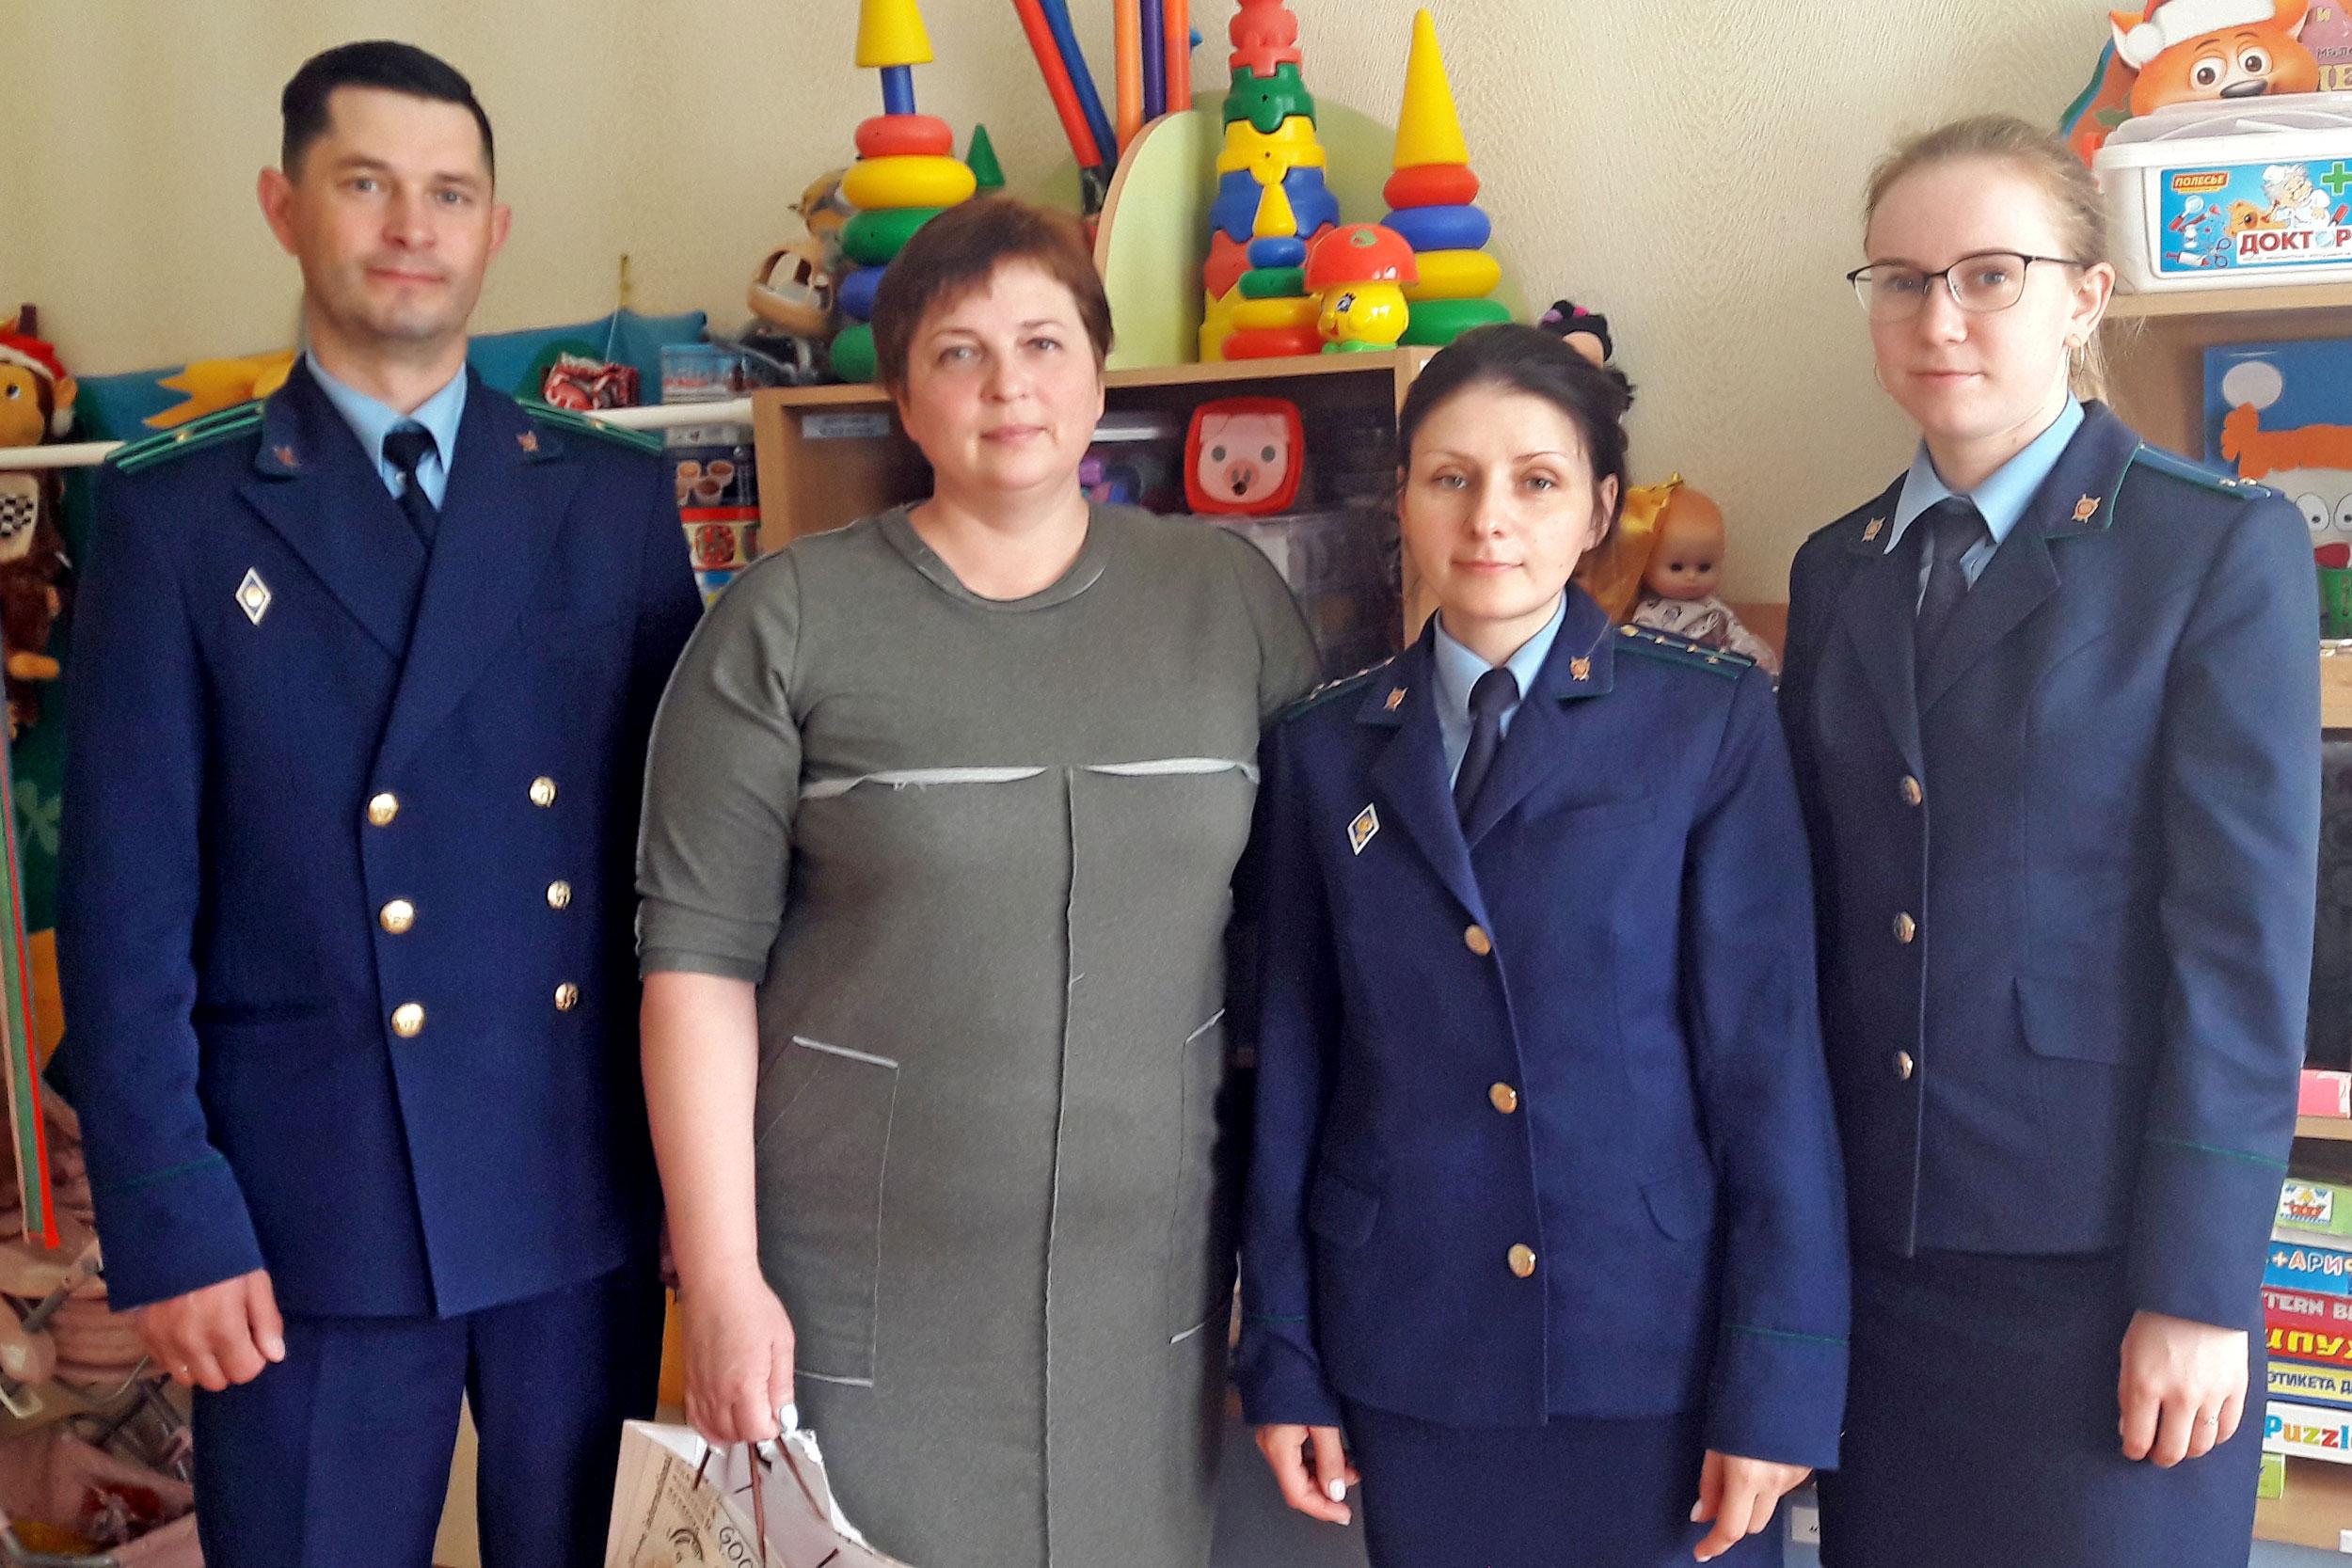 Работники Толочинской прокуратуры поздравили детей с праздником